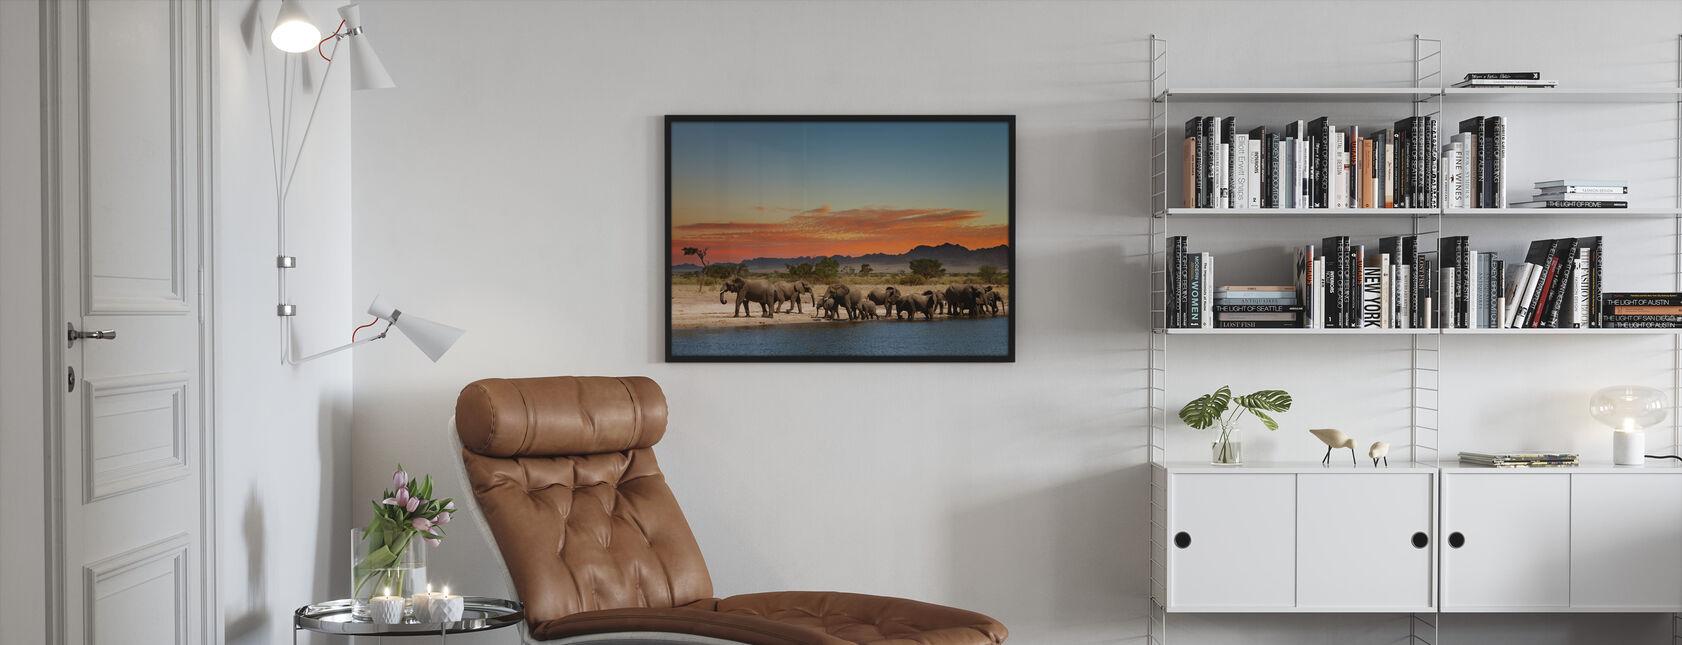 Herd of Elephants - Framed print - Living Room